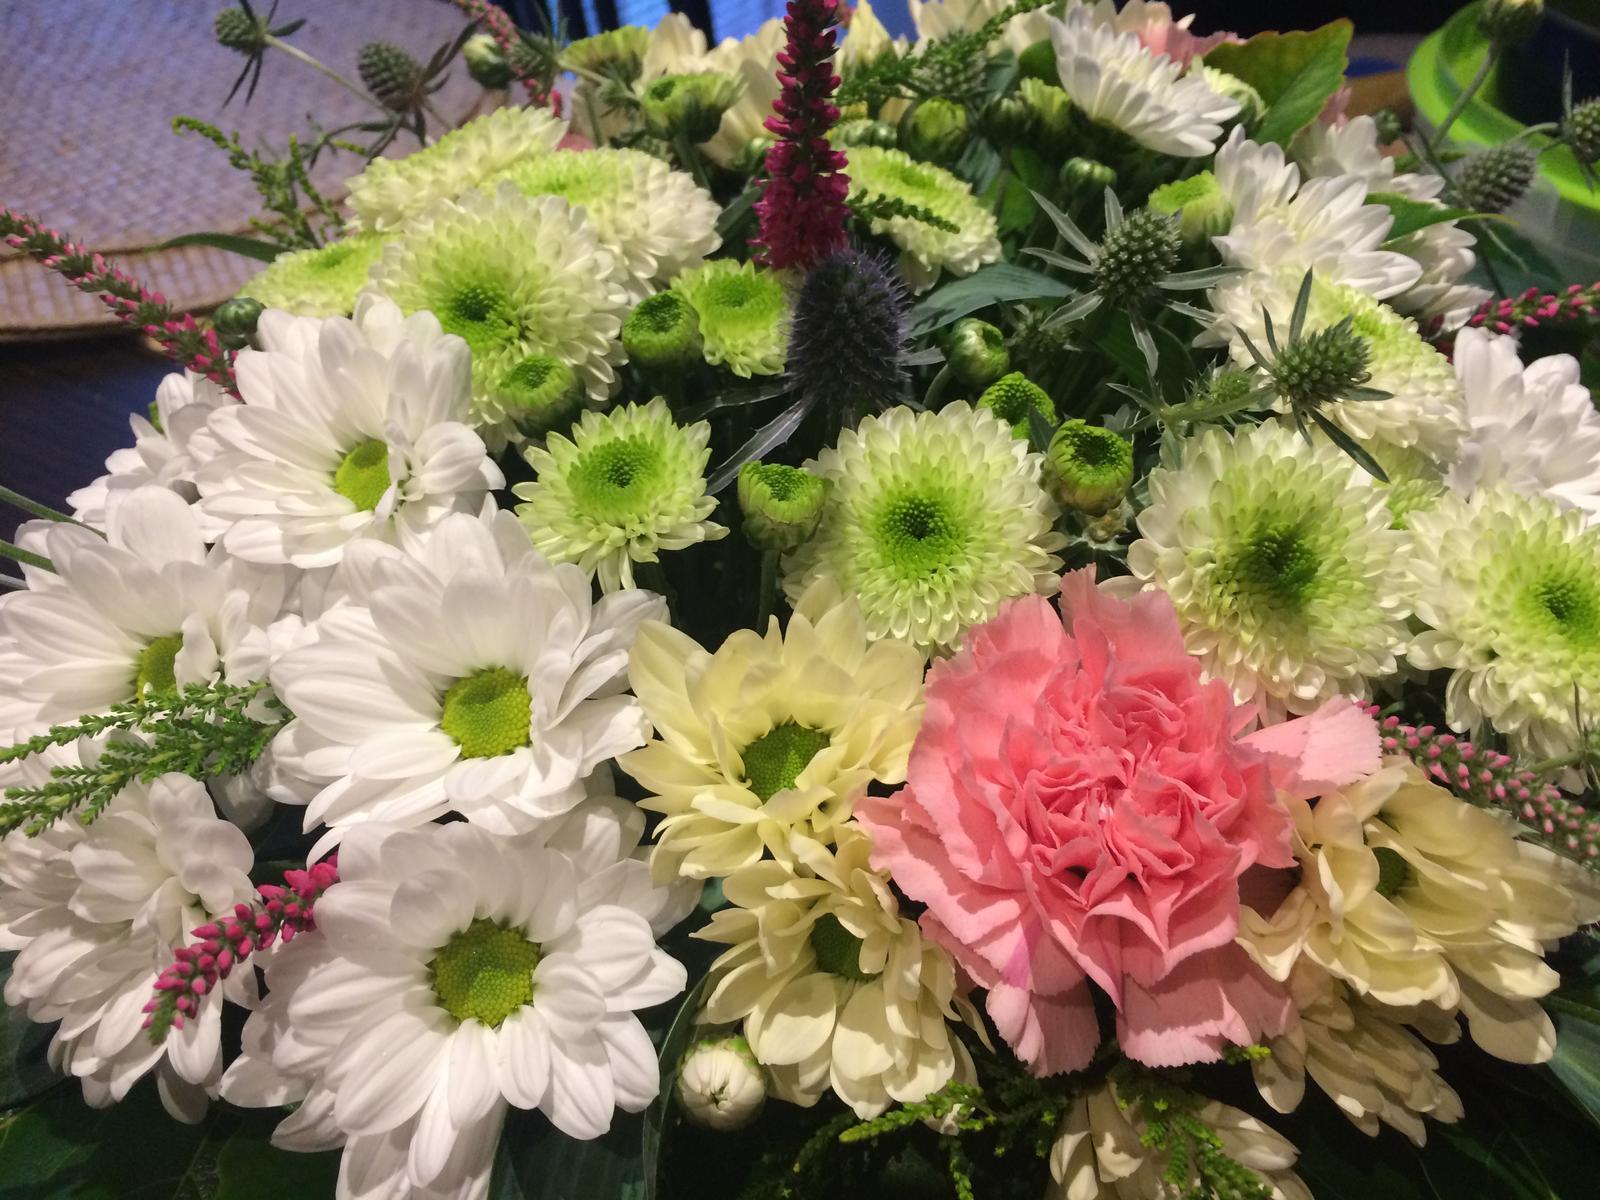 Dekorace z květin Pro radost - Obrázek č. 51